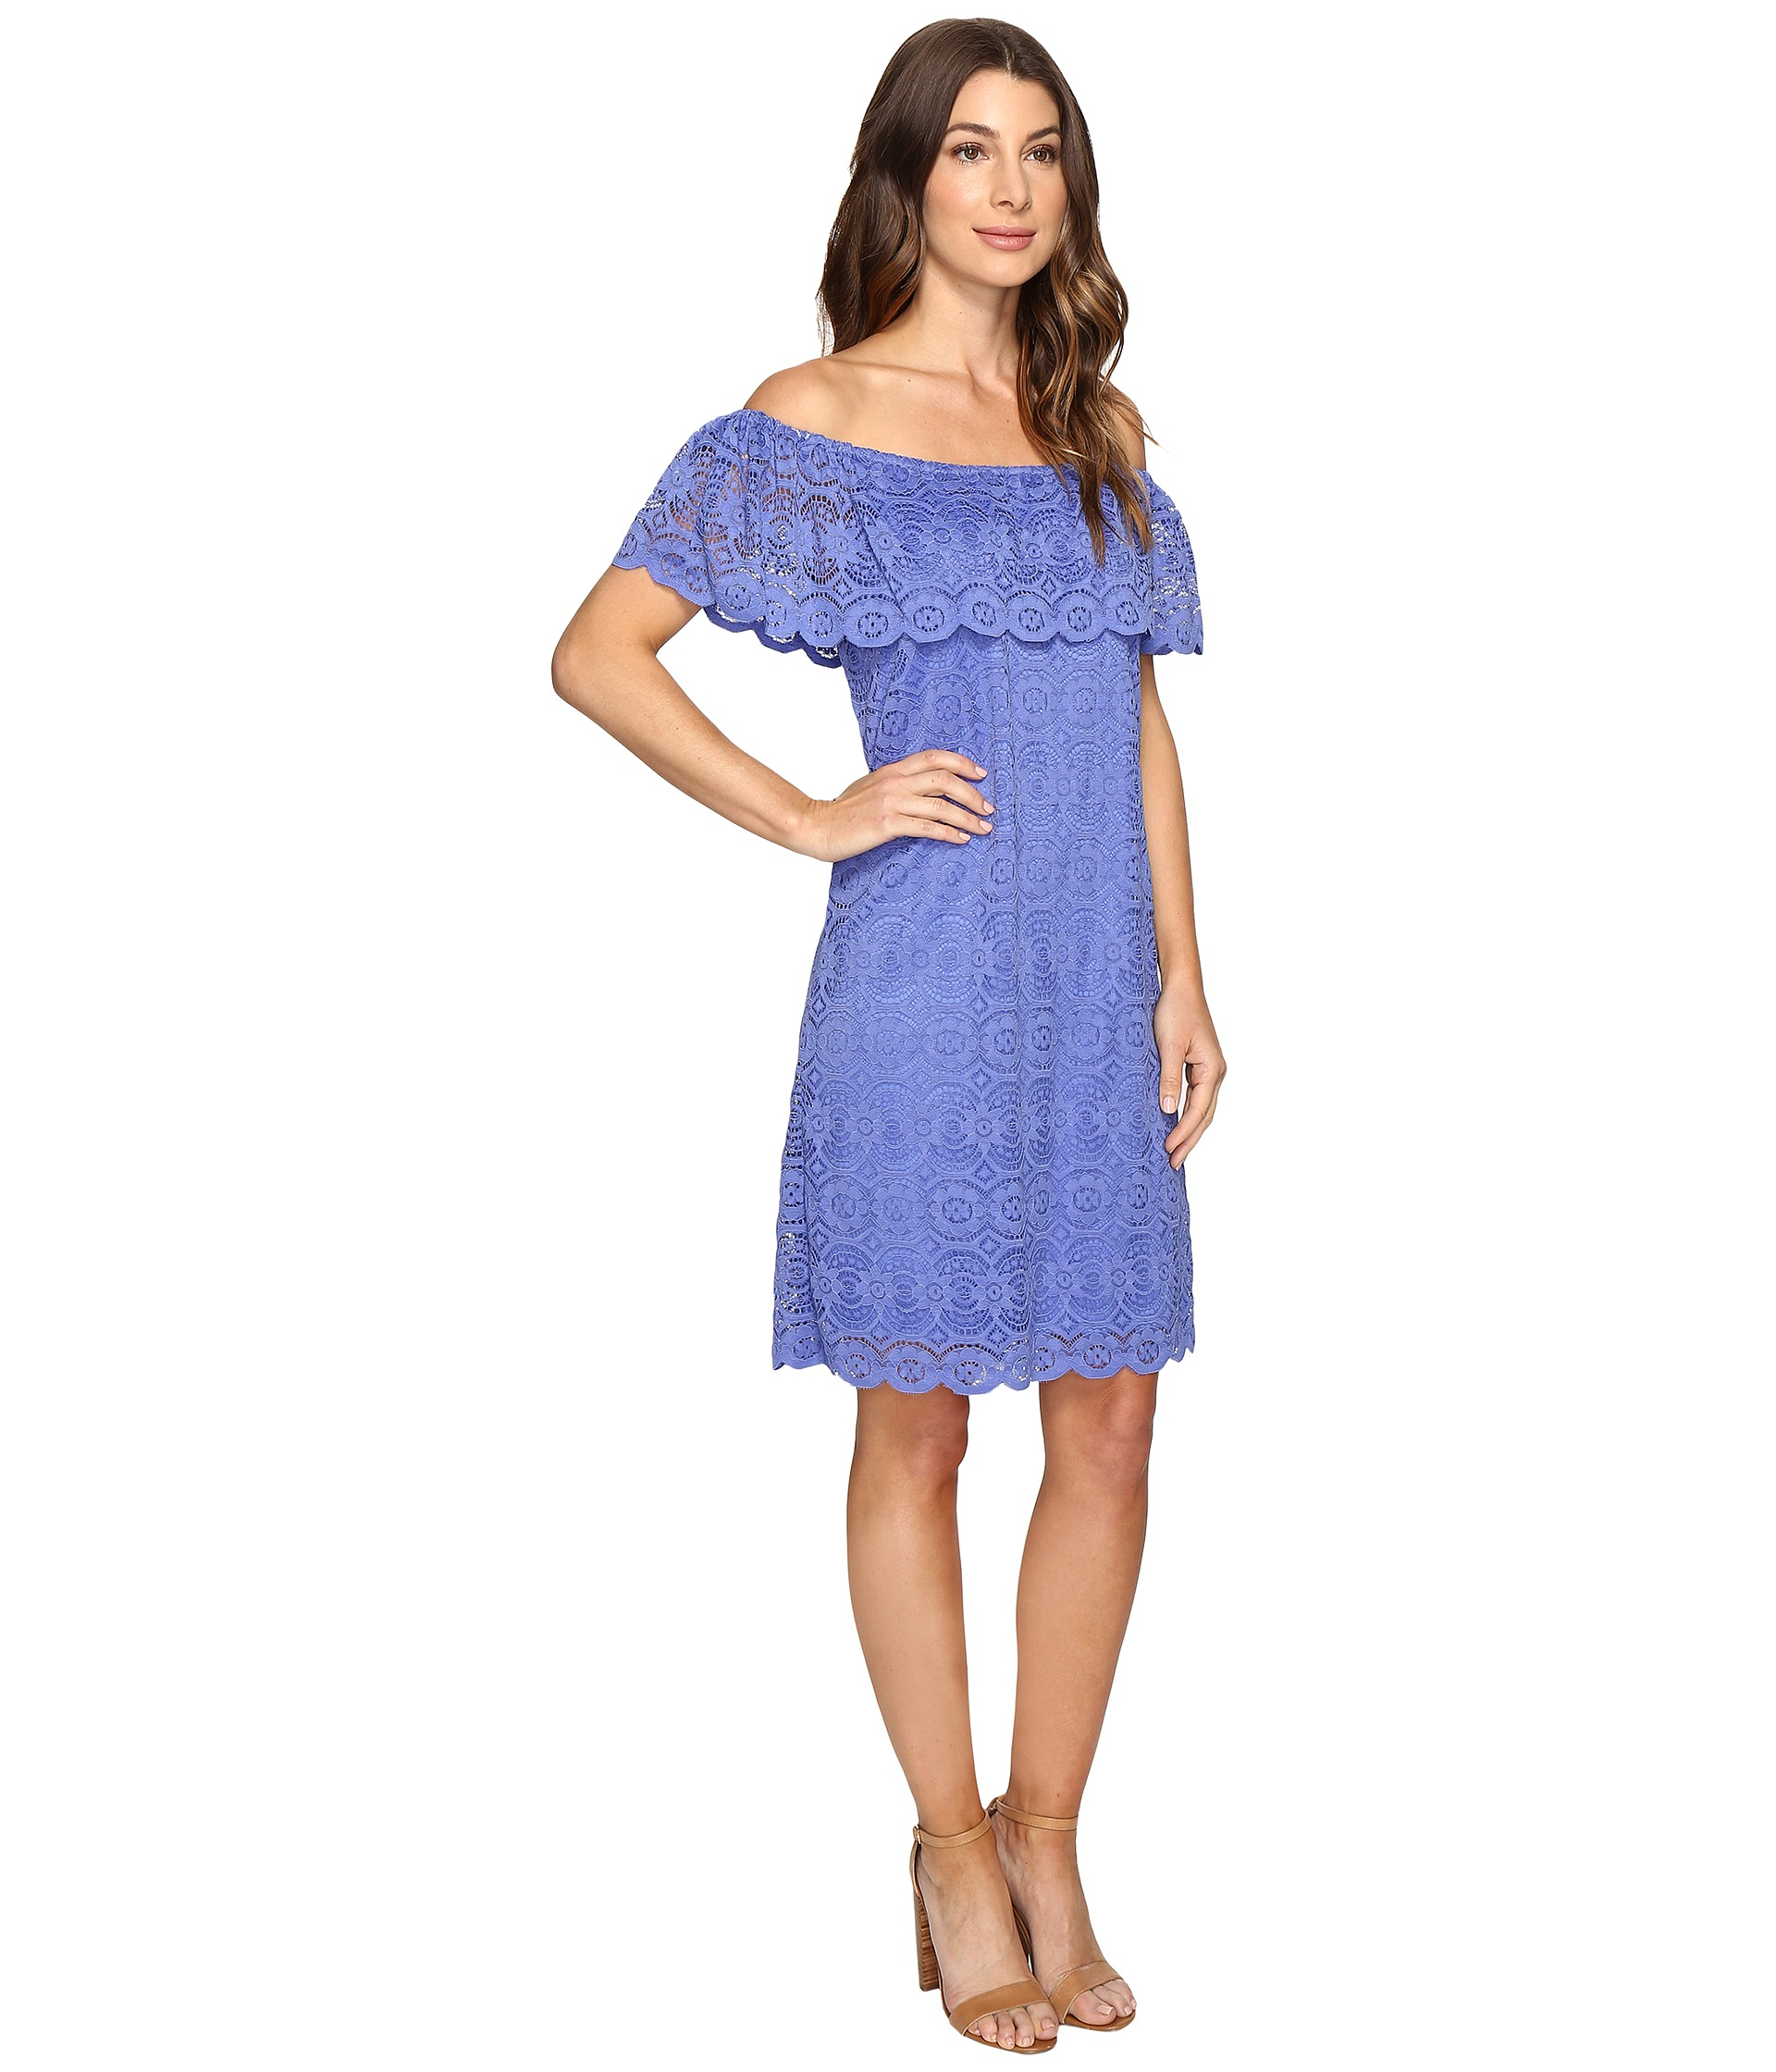 coctail dresses Erie